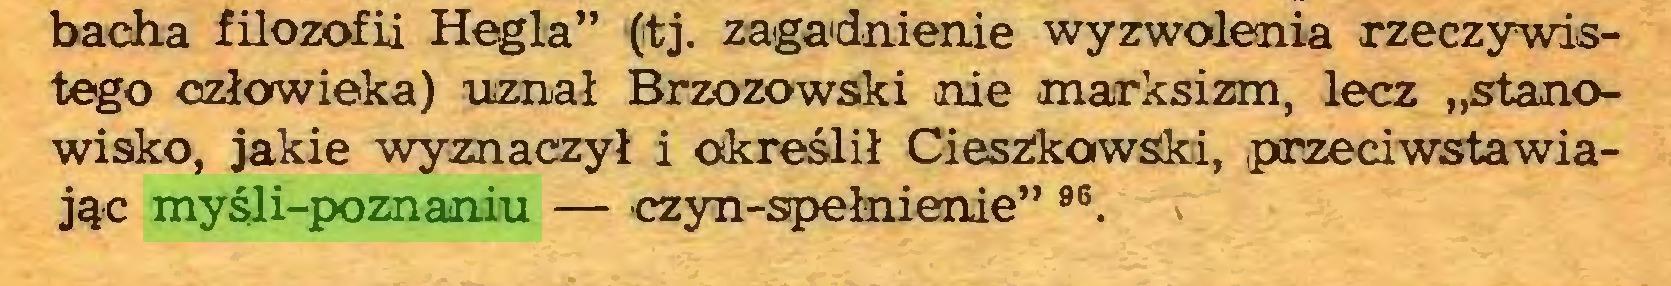 """(...) bacha filozofii Hegla"""" (tj. zagadnienie wyzwolenia rzeczywistego człowieka) uznał Brzozowski nie marksizm, lecz """"stanowisko, jakie wyznaczył i określił Cieszkowski, przeciwstawiając myśli-poznaniu — czyn-spełnienie"""" 96. ;..."""